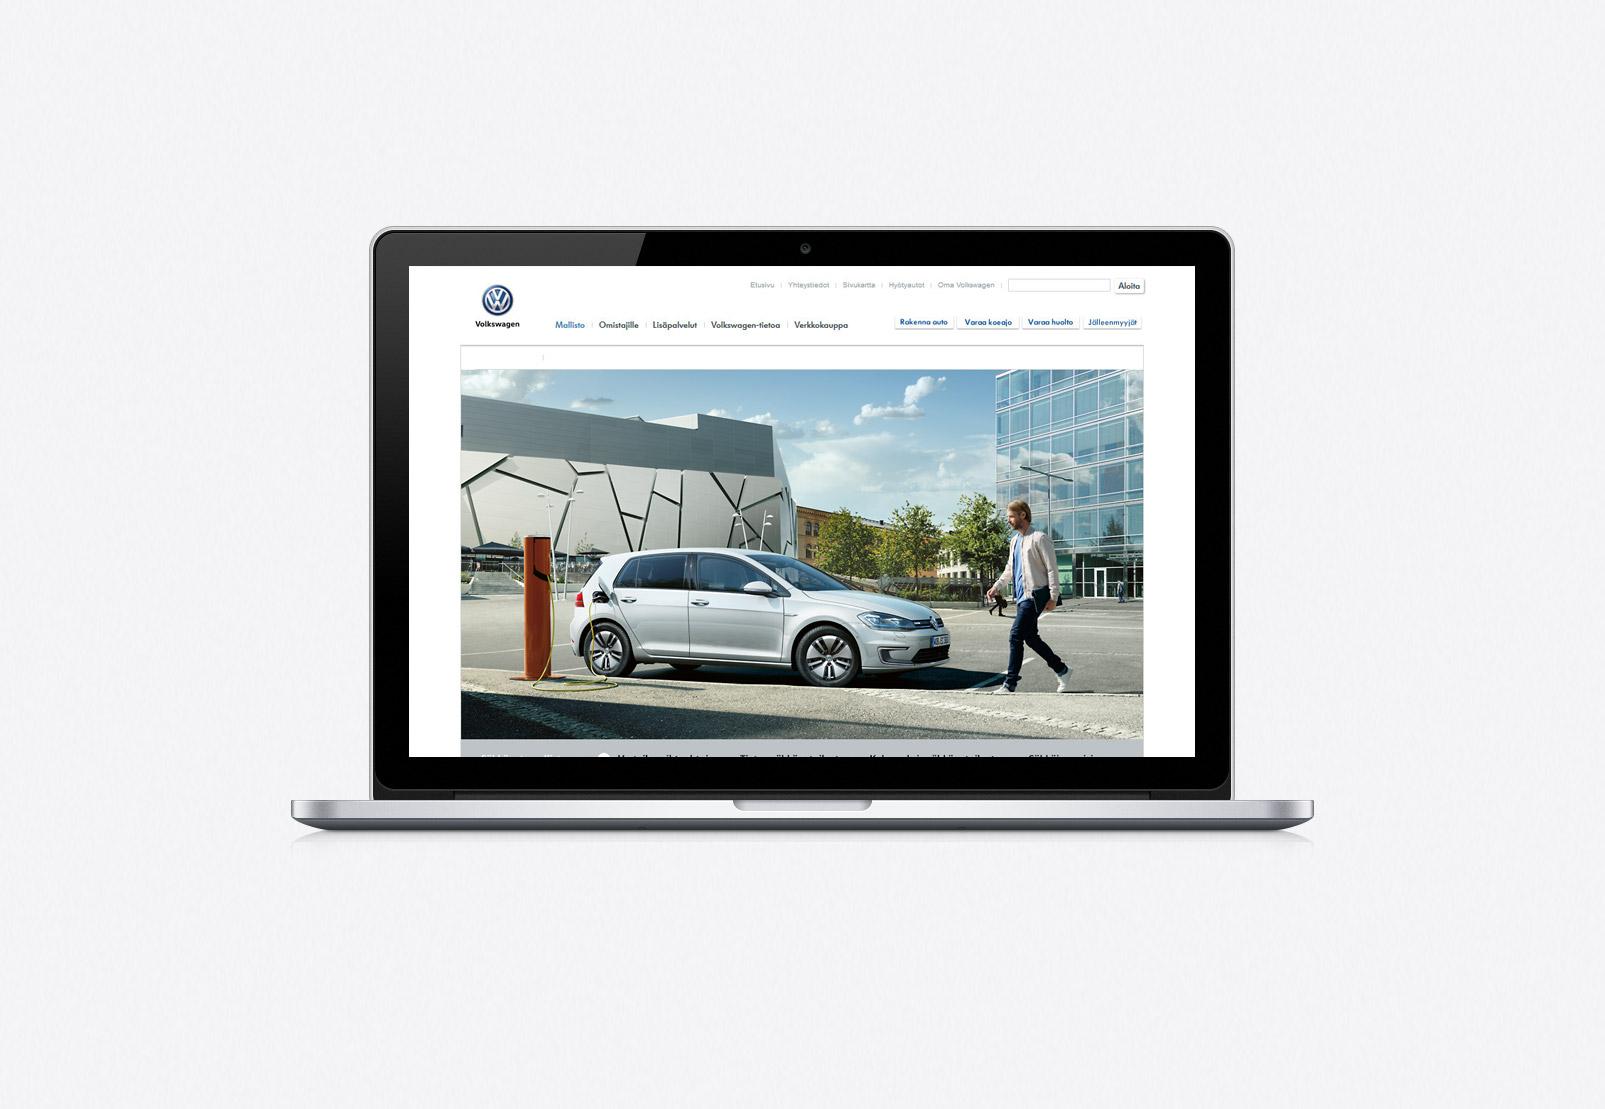 Volkswagen sähköautot website desktop